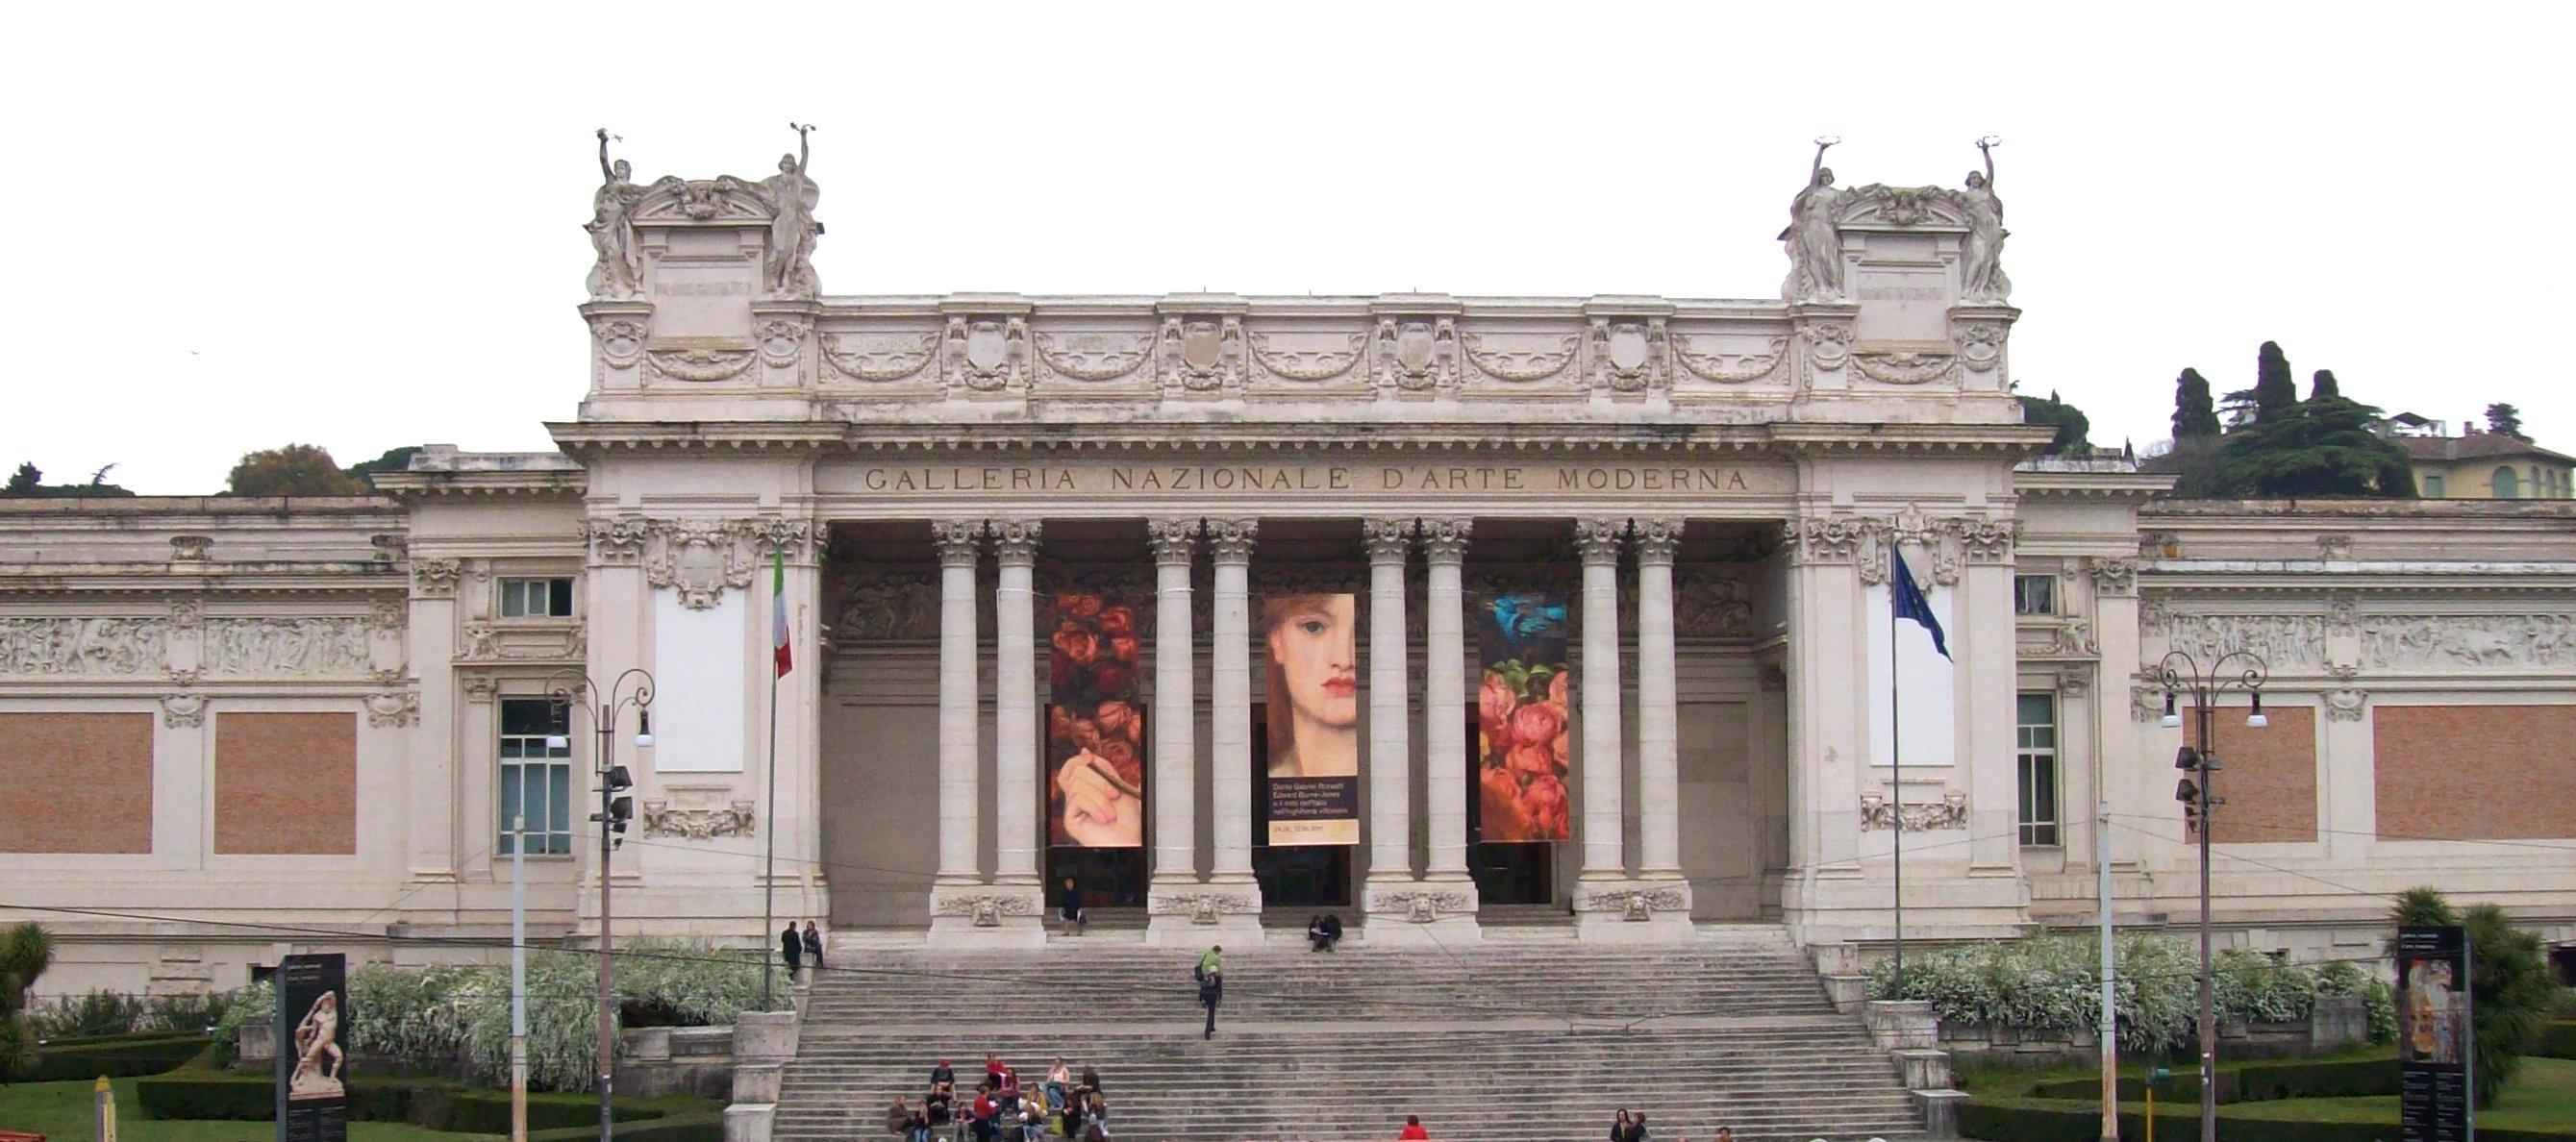 Galleria nazionale d 39 arte moderna roma zero for Palazzo delle esposizioni via nazionale roma